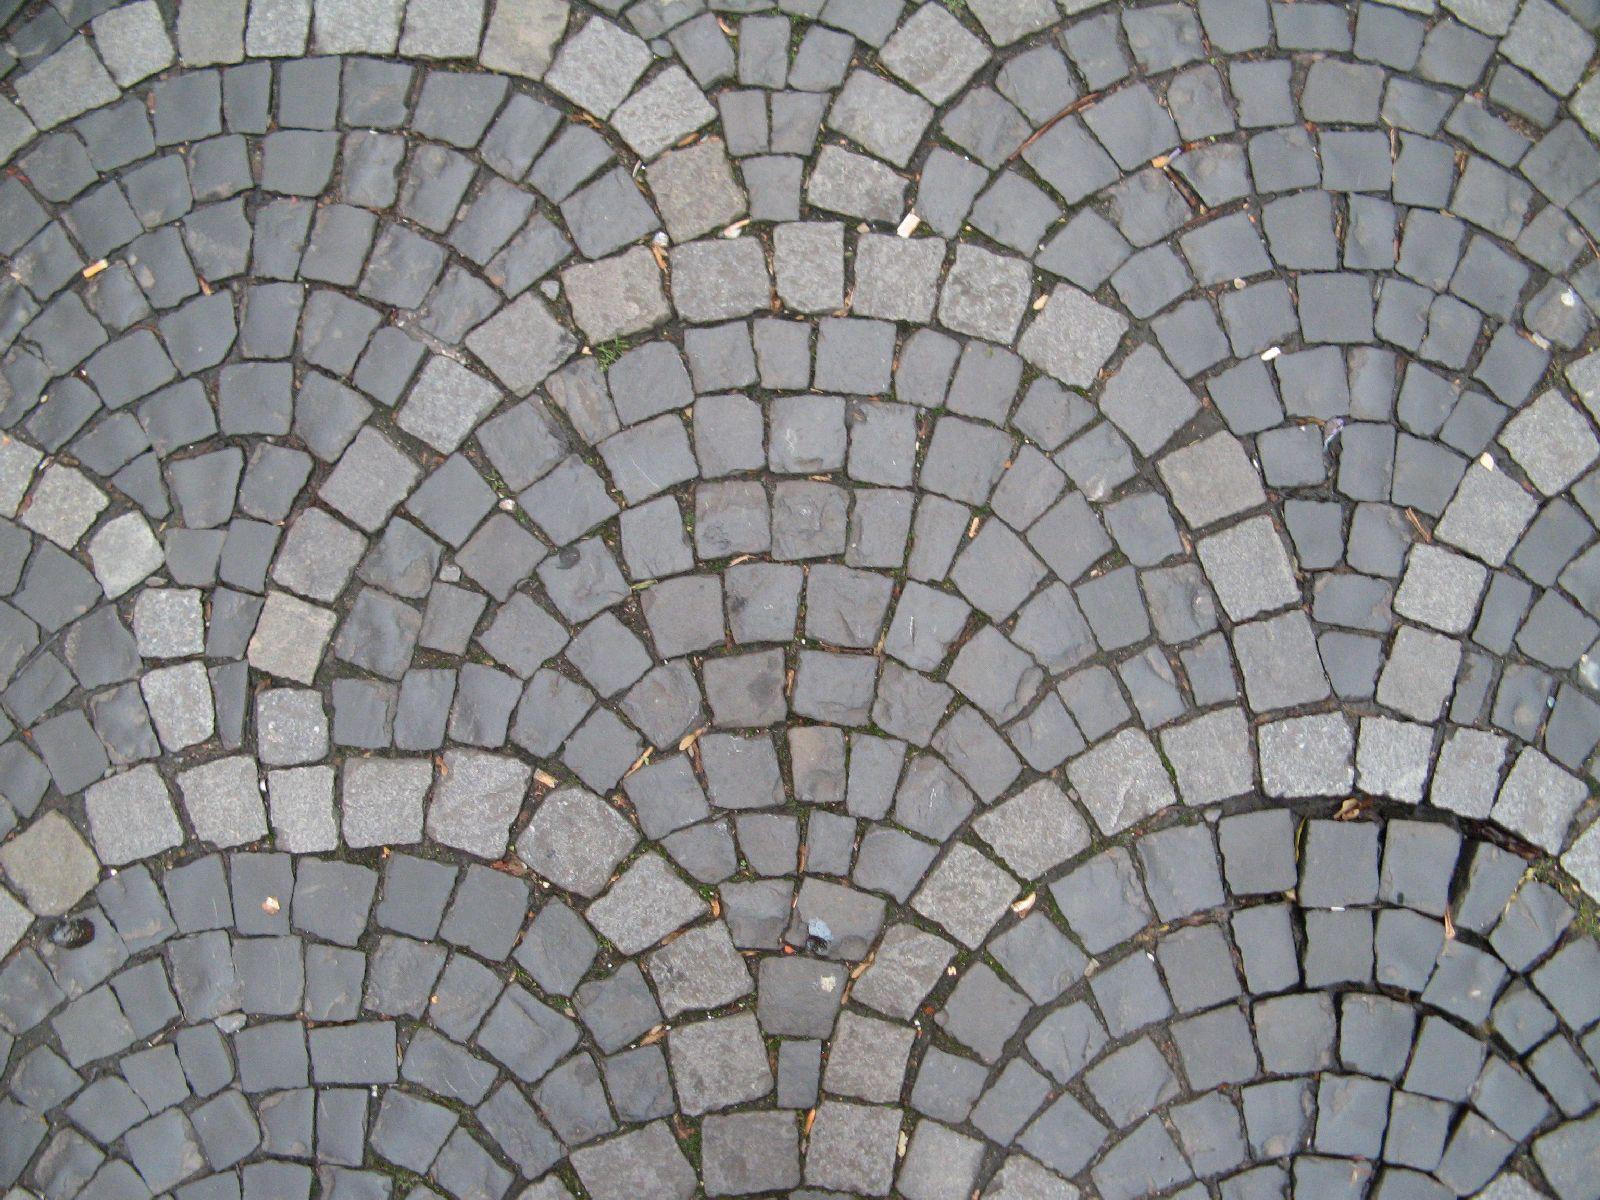 Ground-Urban_Texture_B_1501